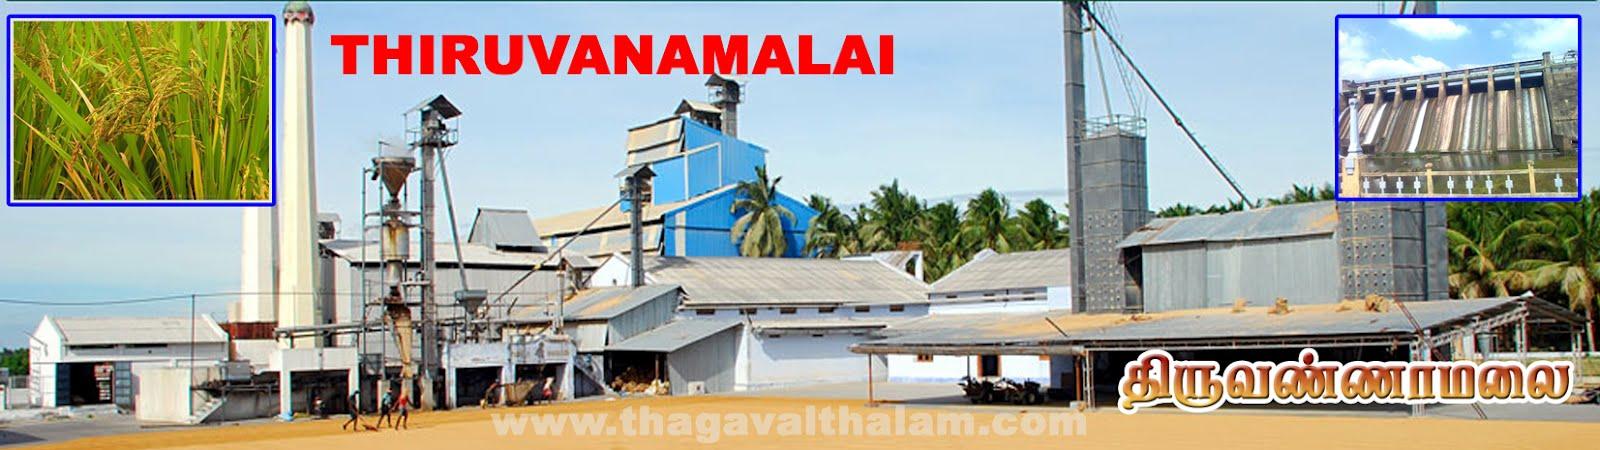 திருவண்ணாமலை Tiruvannamalai